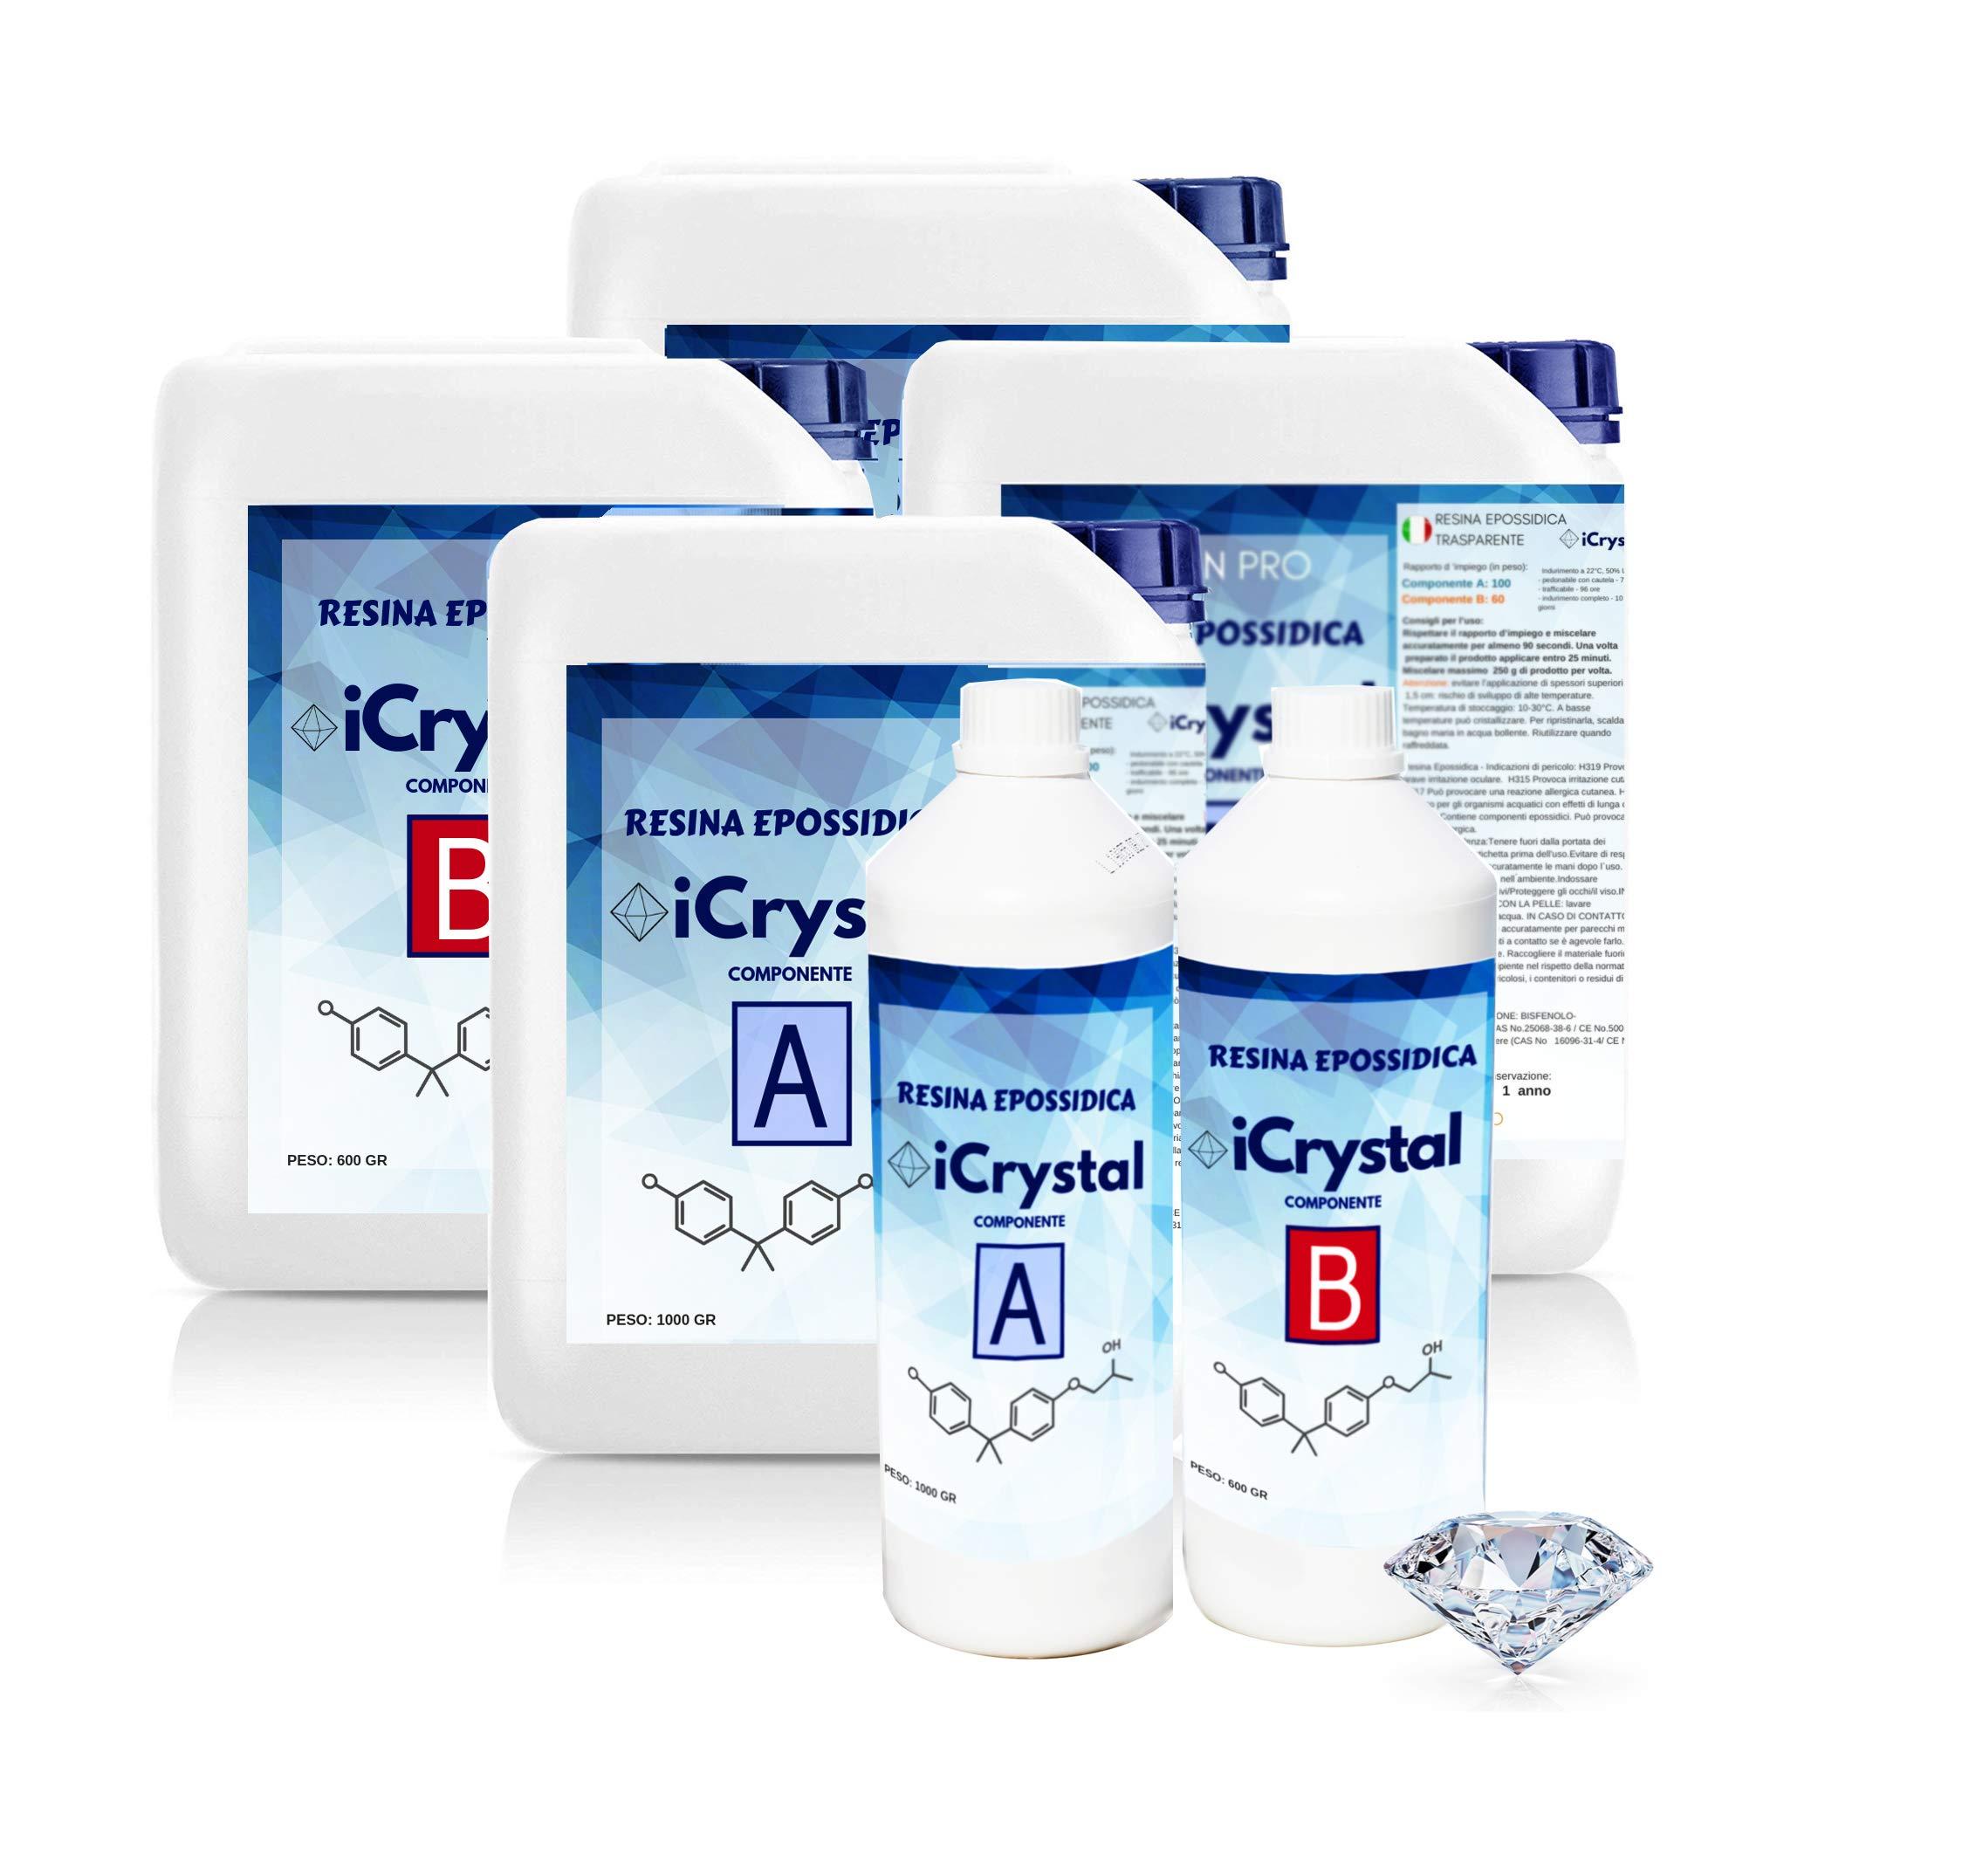 Resin-Pro-32-kg-Resina-EPOSSIDICA-Ultra-Trasparente-bi-Componente-per-Fai-da-Te-e-Bricolage